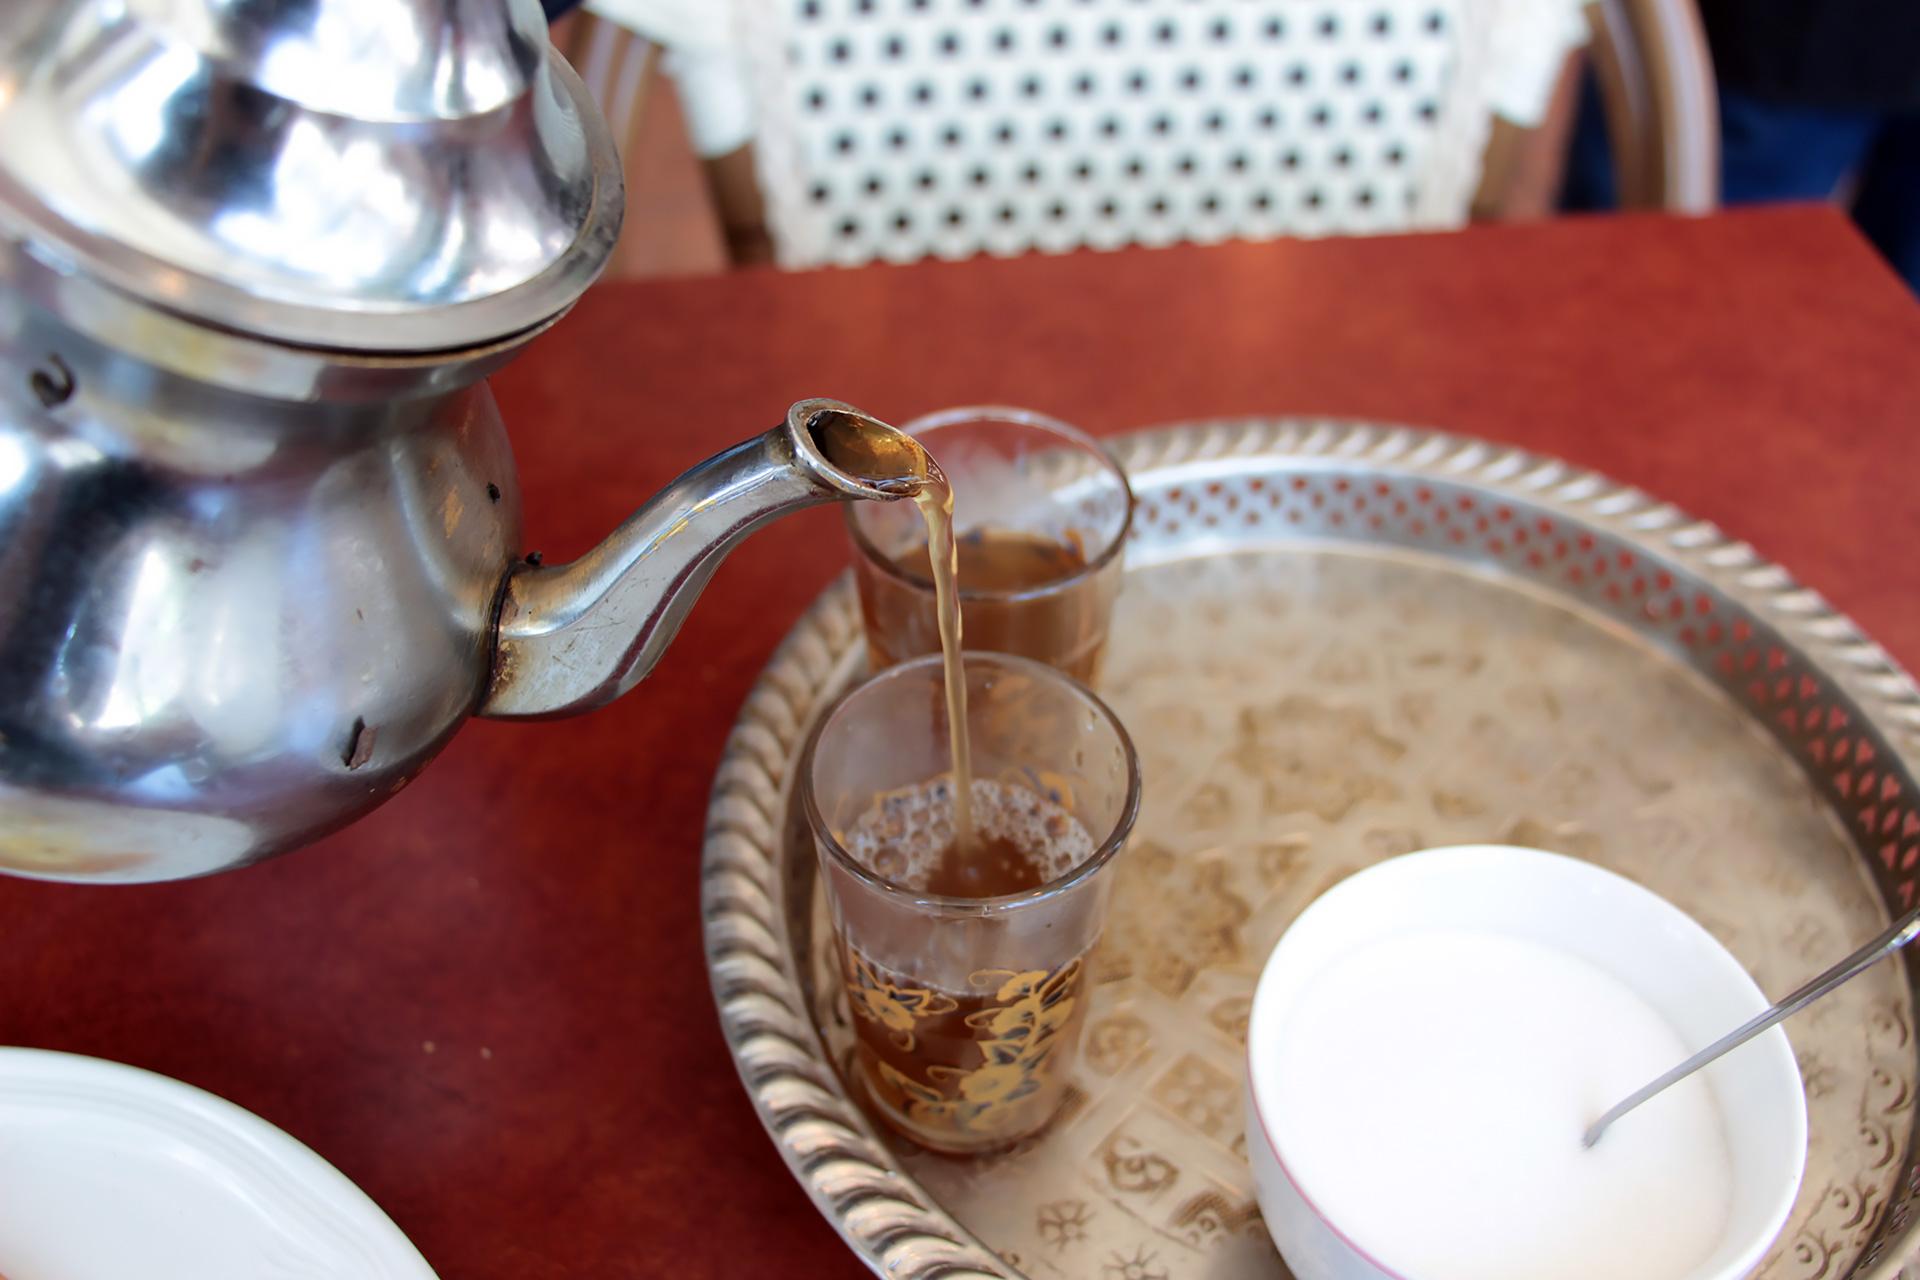 Moroccan mint tea at Cafe Zitouna.